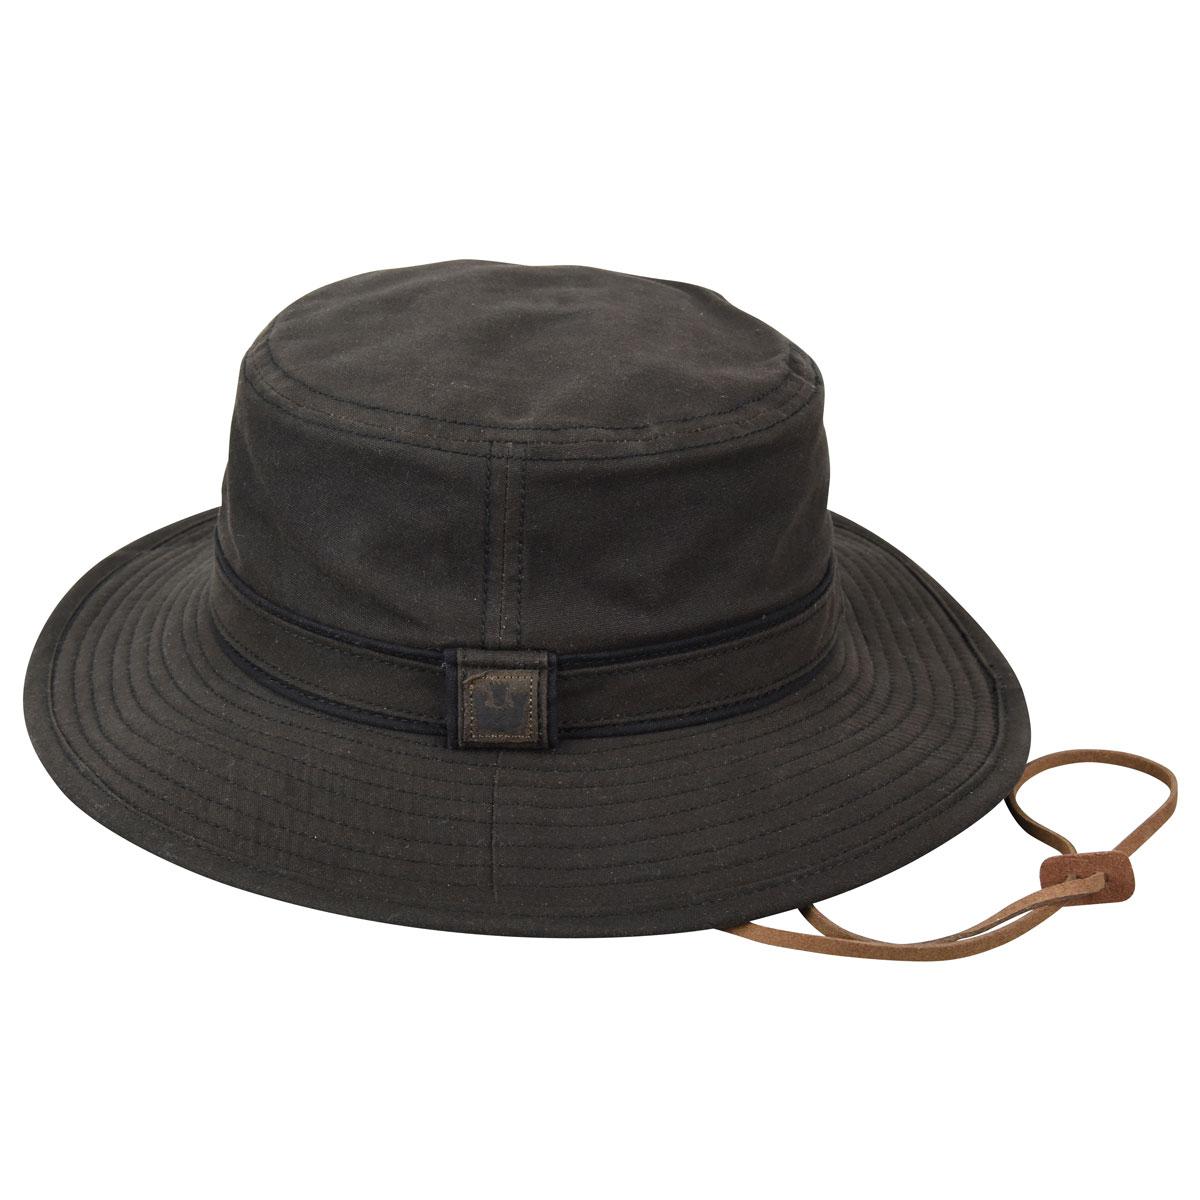 Goorin Bros. Wide Creek Bucket Hat in Brown